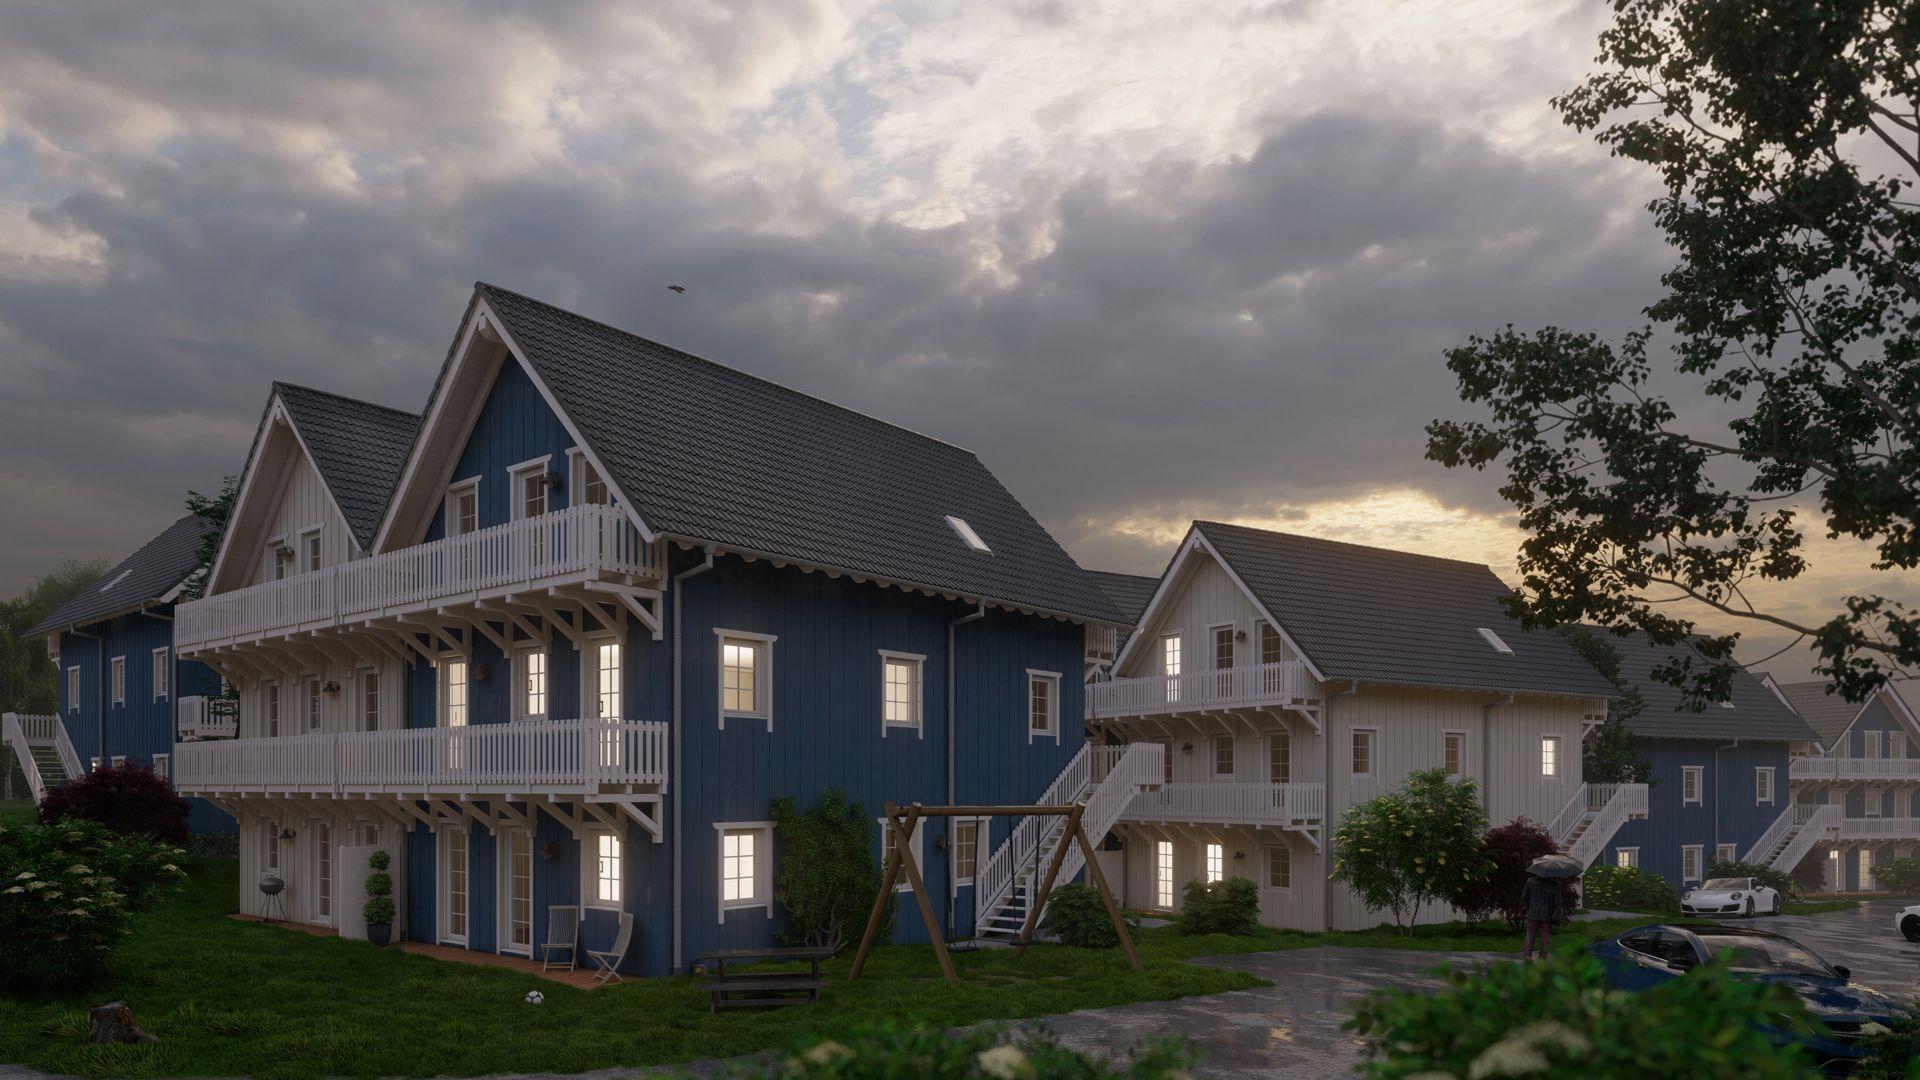 Architekturvisualisierung Ranstadt - Wohnsiedlung Exterieur 06